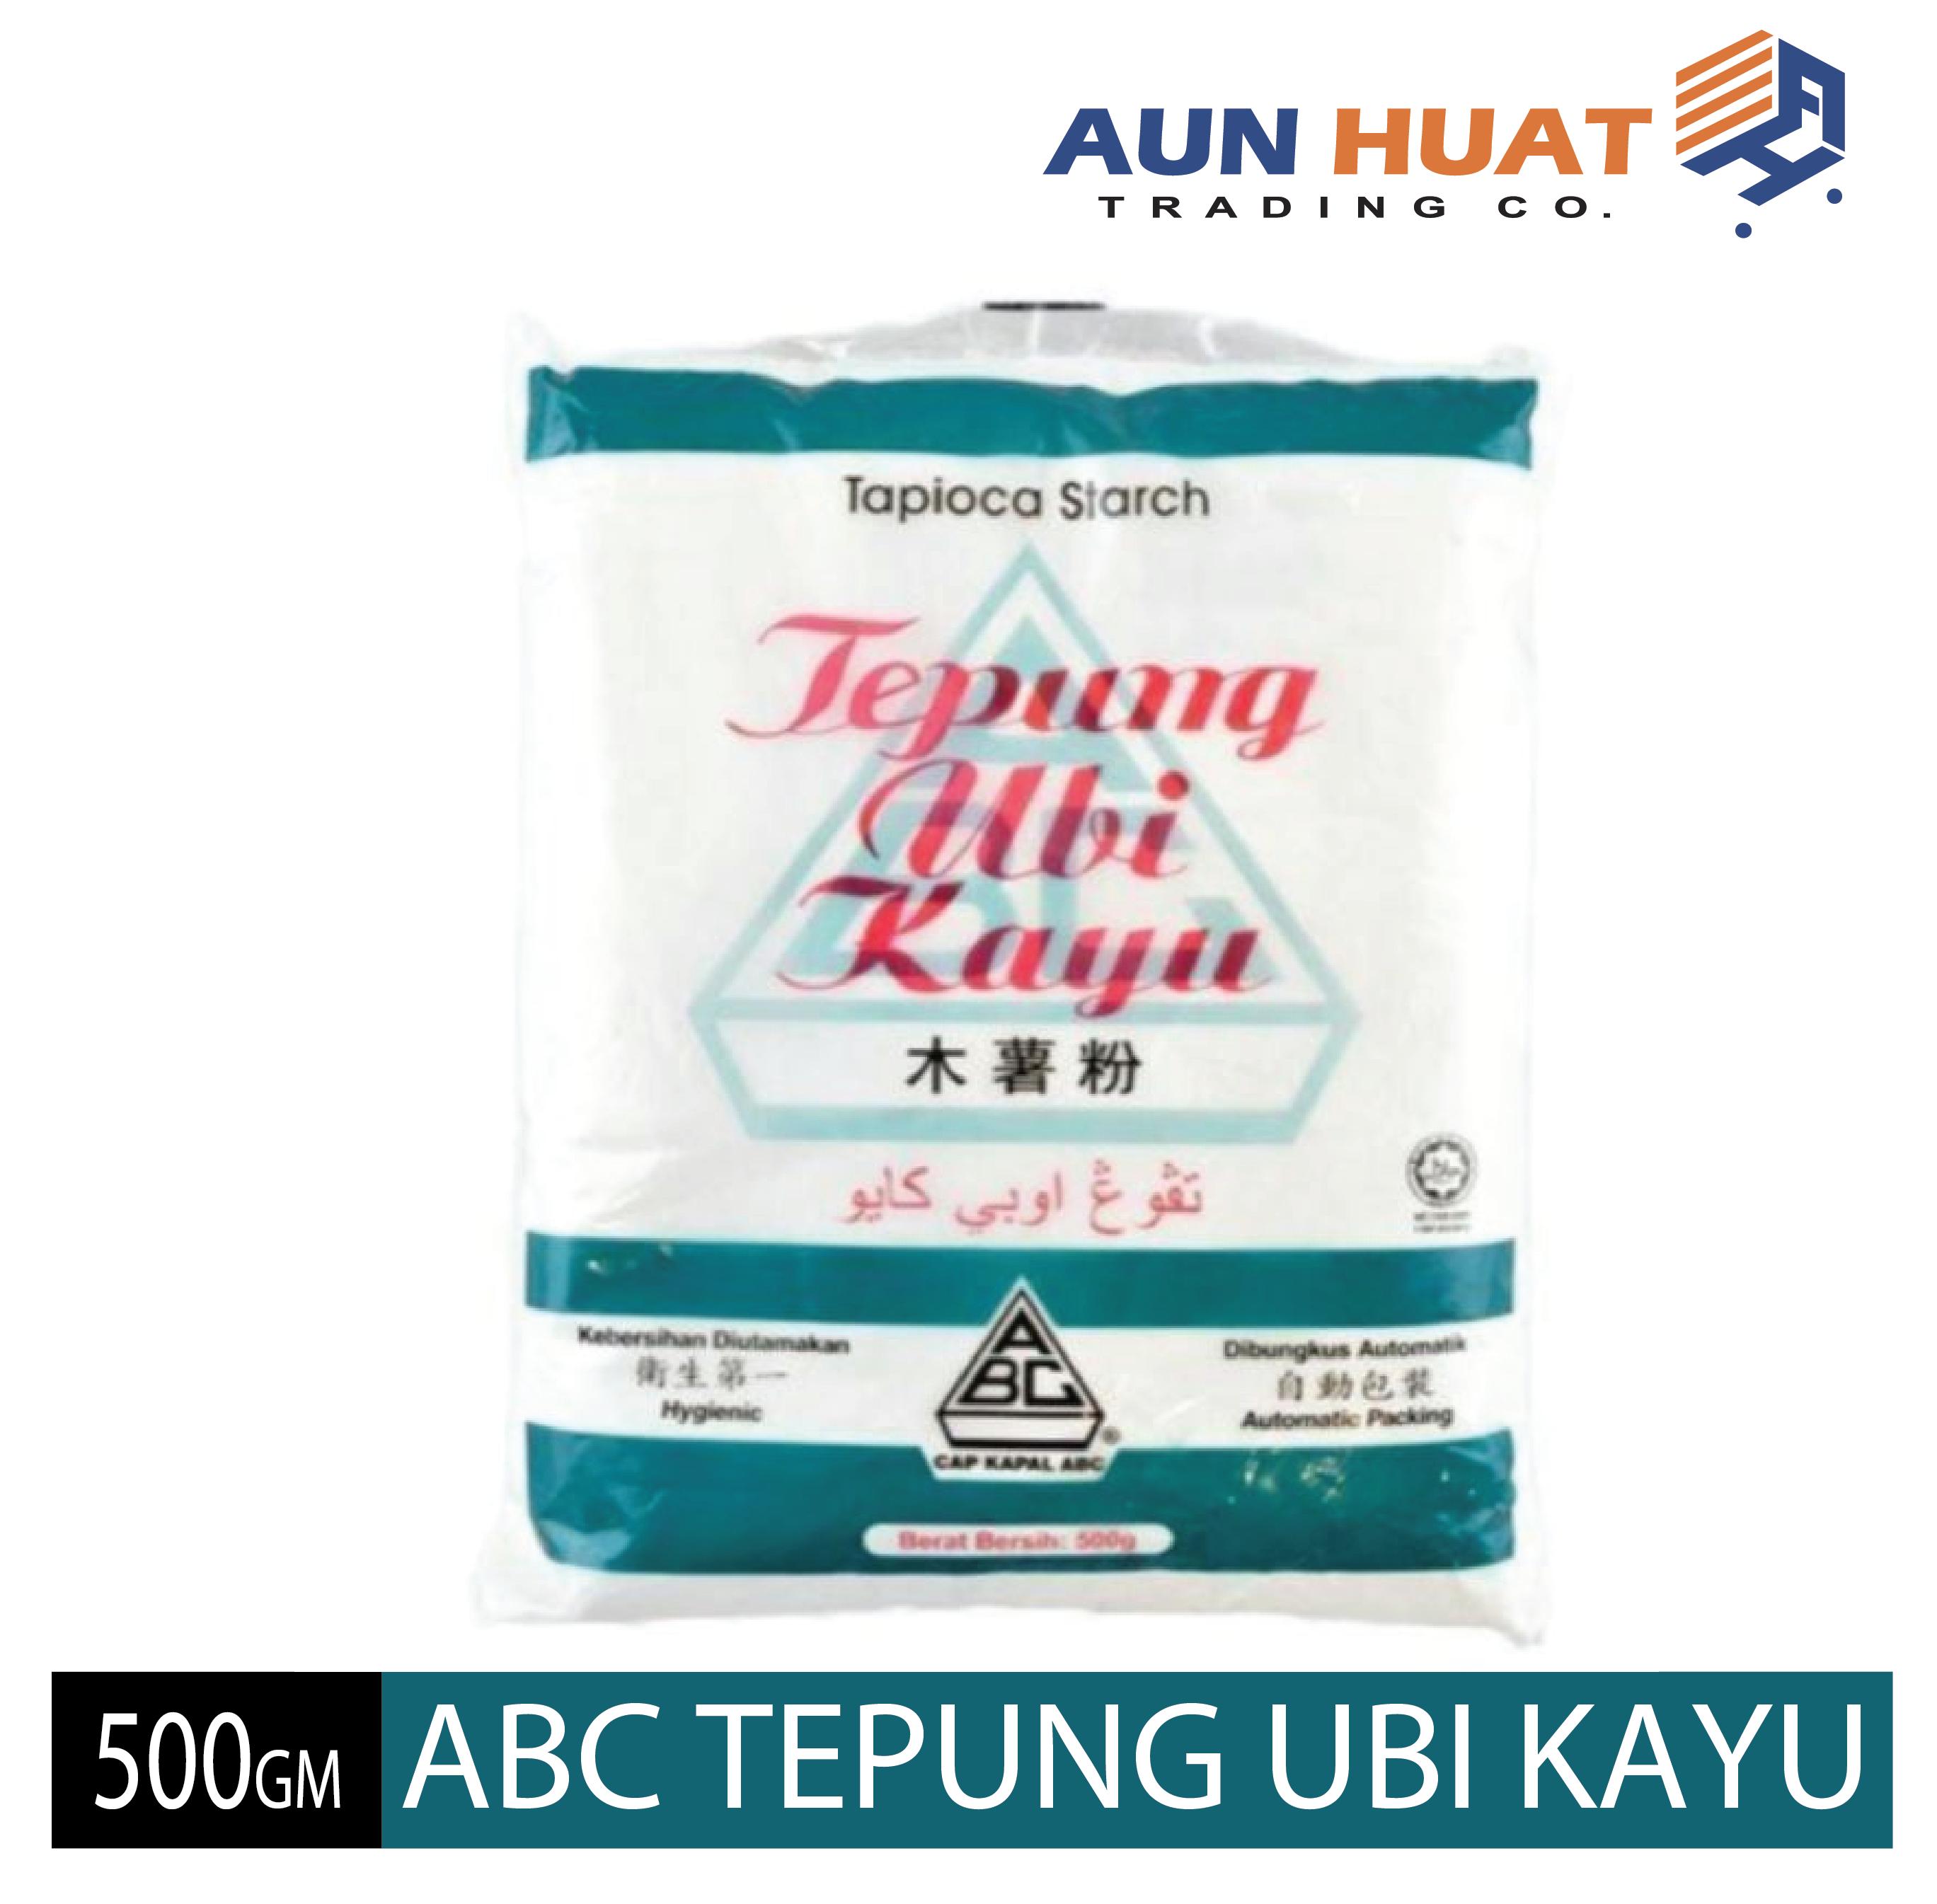 Cap Kapal ABC Tepung Ubi Kayu 500g / TAPIOCA STARCH